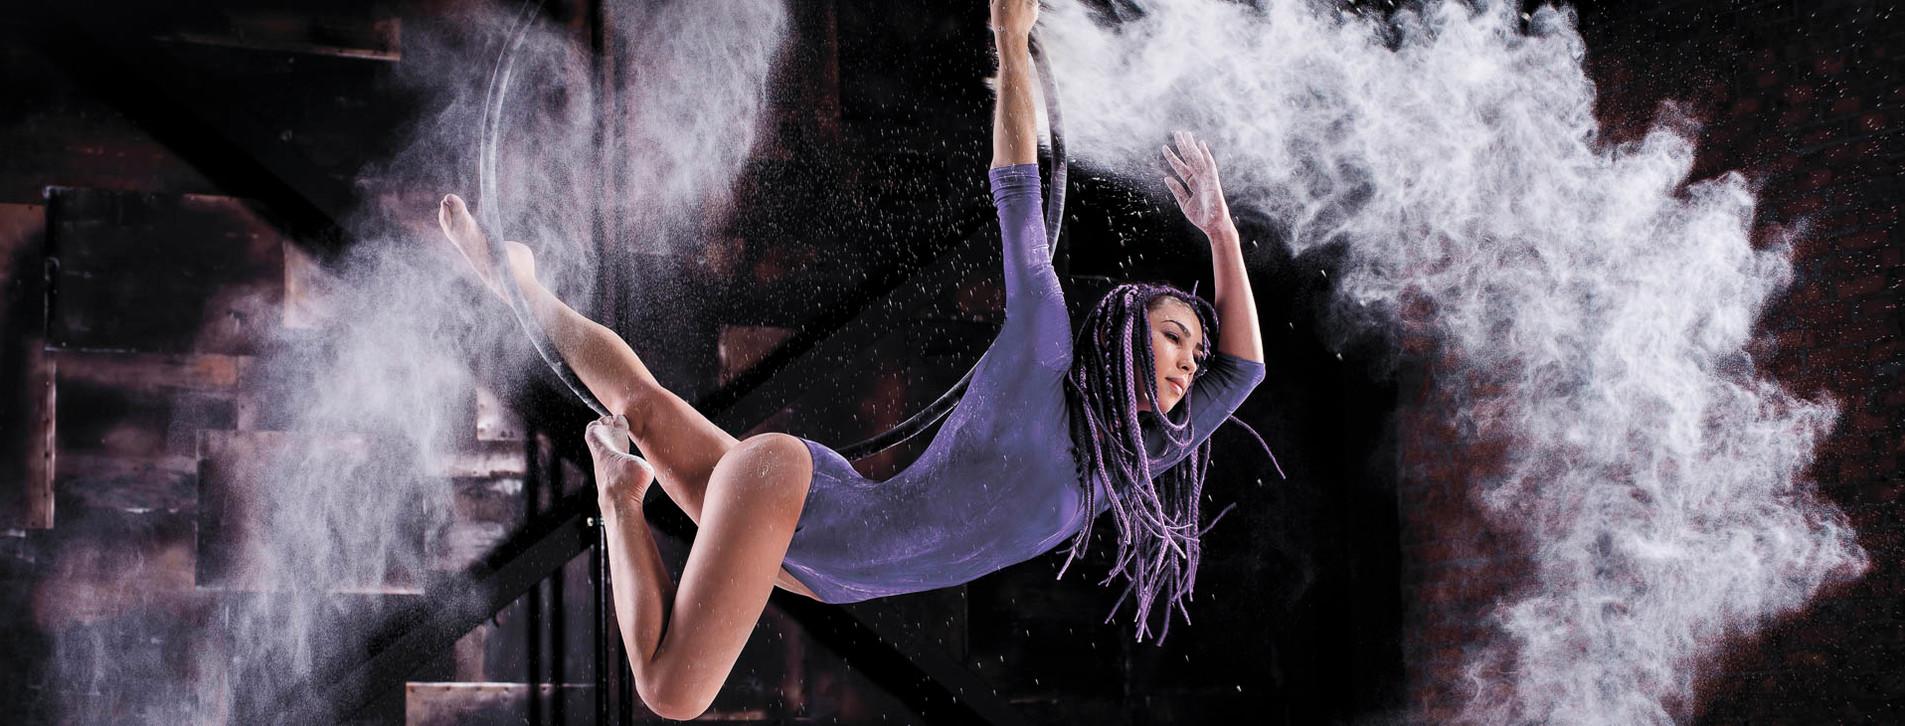 Фото 1 - Воздушная гимнастика на кольце